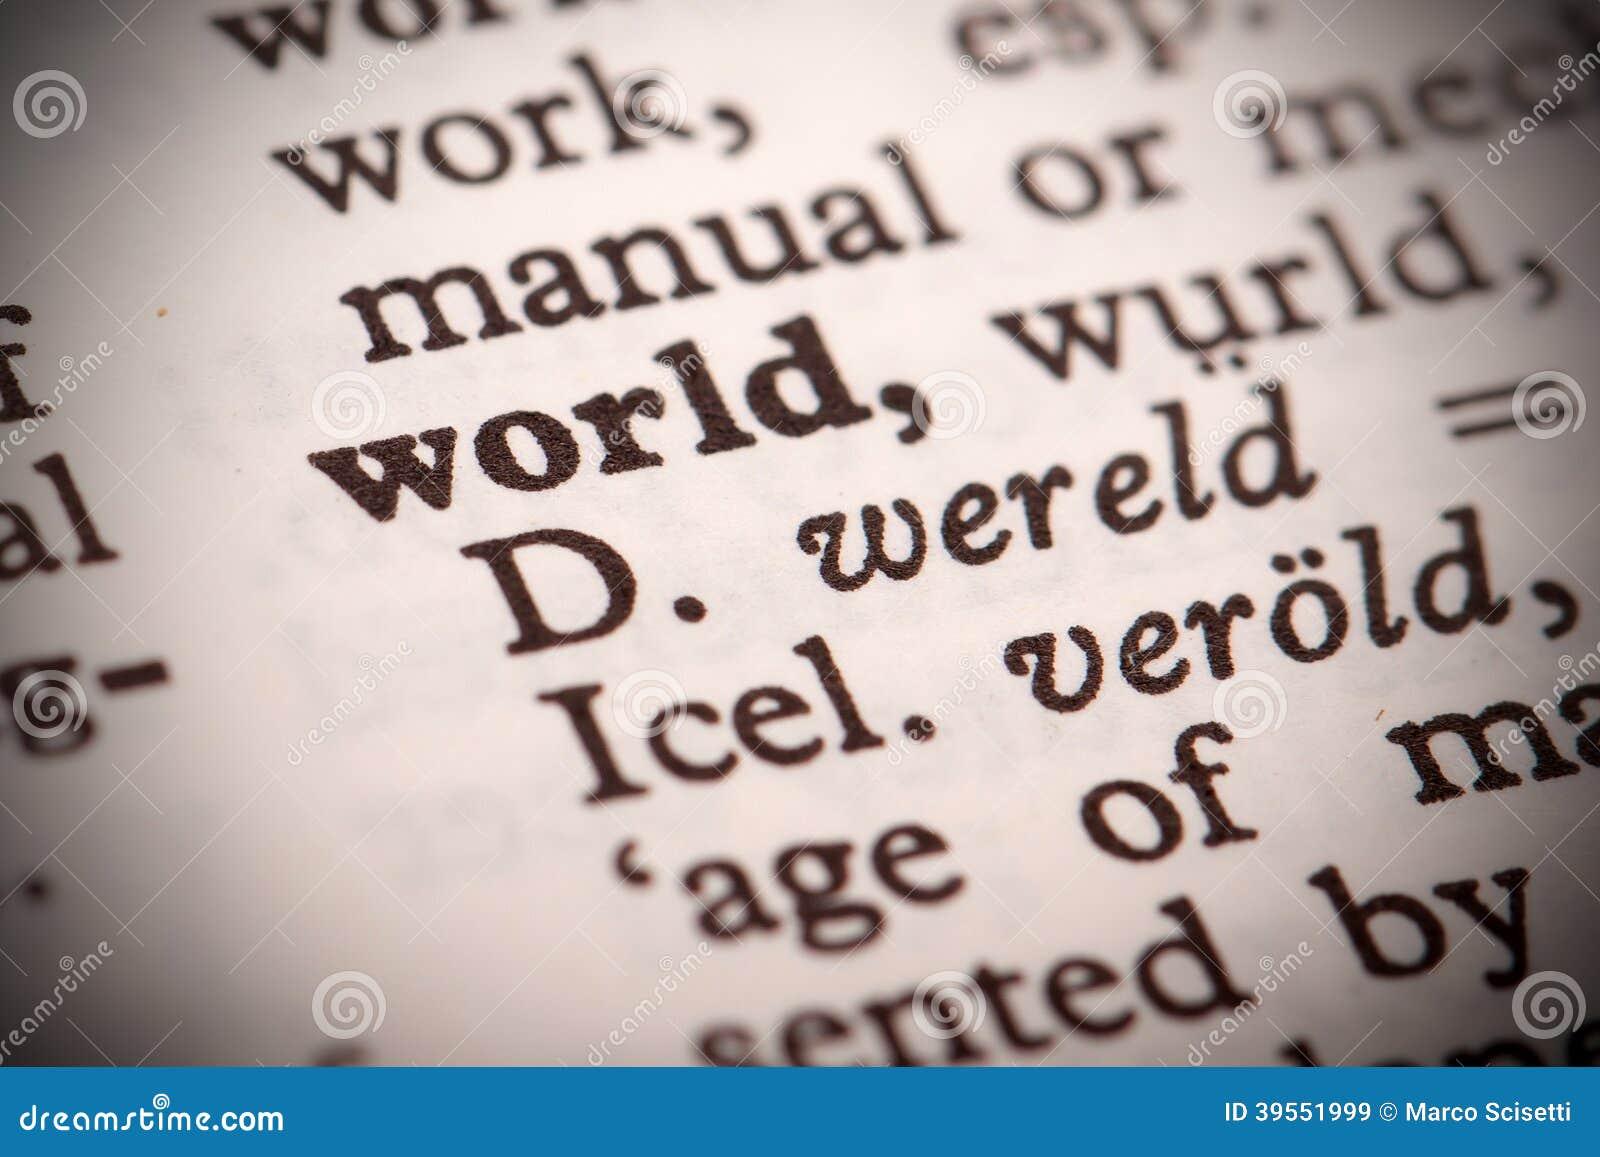 Världsdefinition